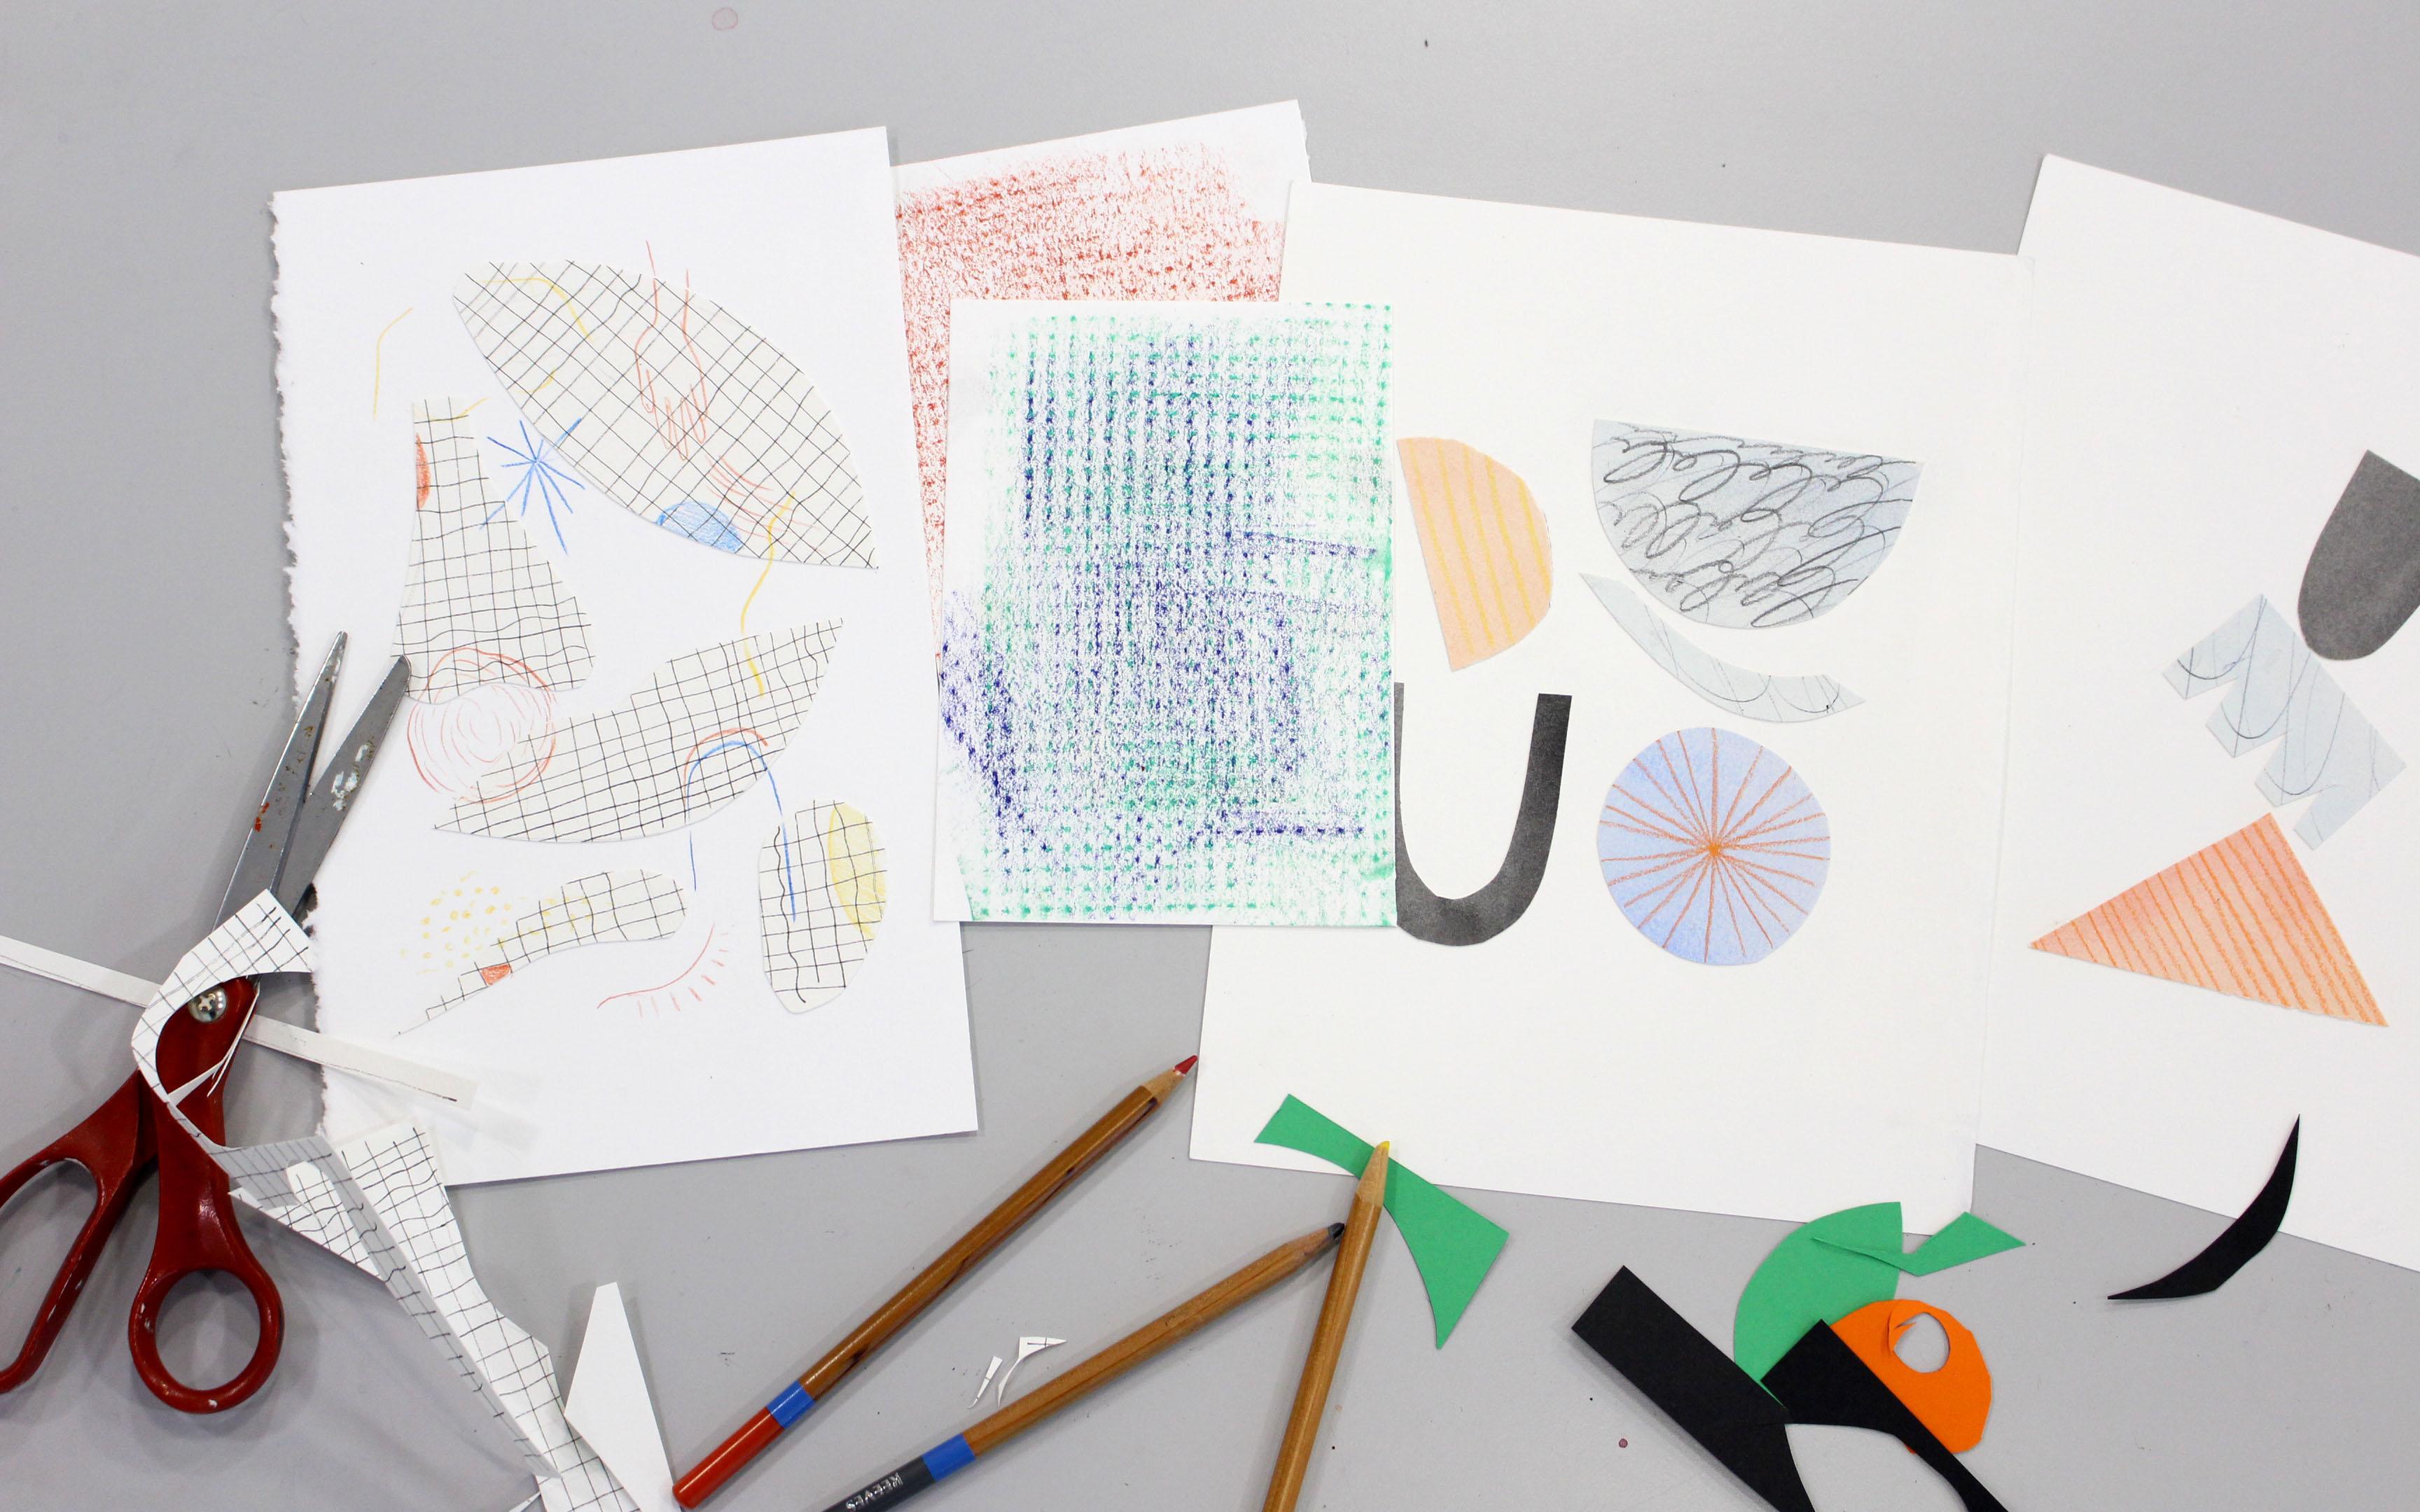 Summer Teen Afternoons | Mark Making Workshop